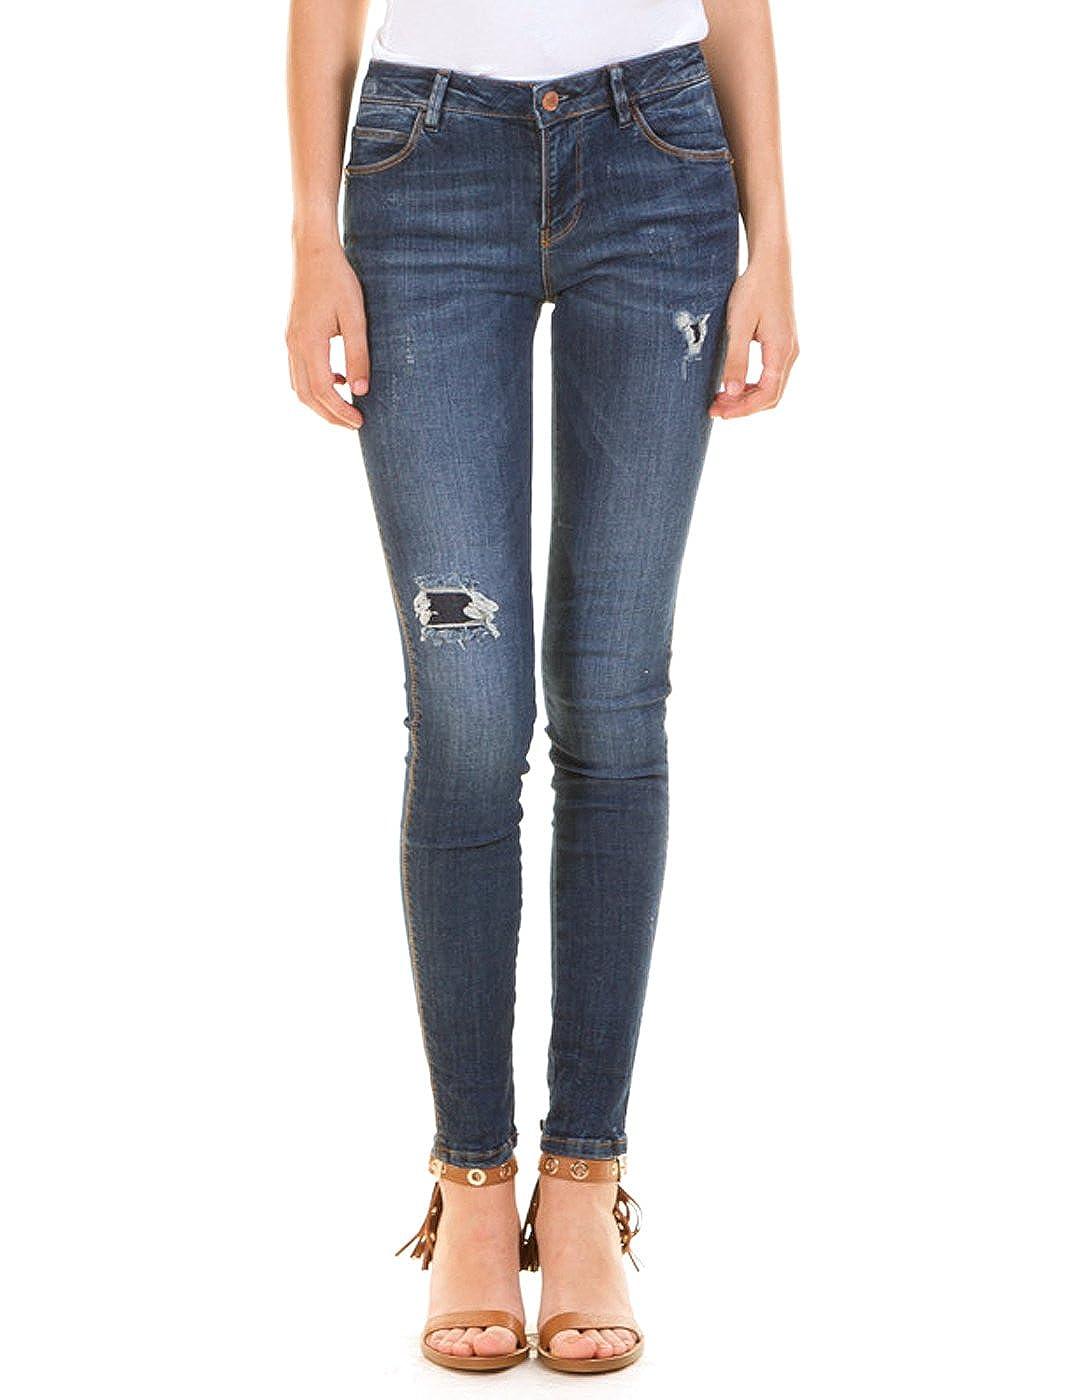 Guess pantalón vaquero con aplicaciones (29 - Azul oscuro ...